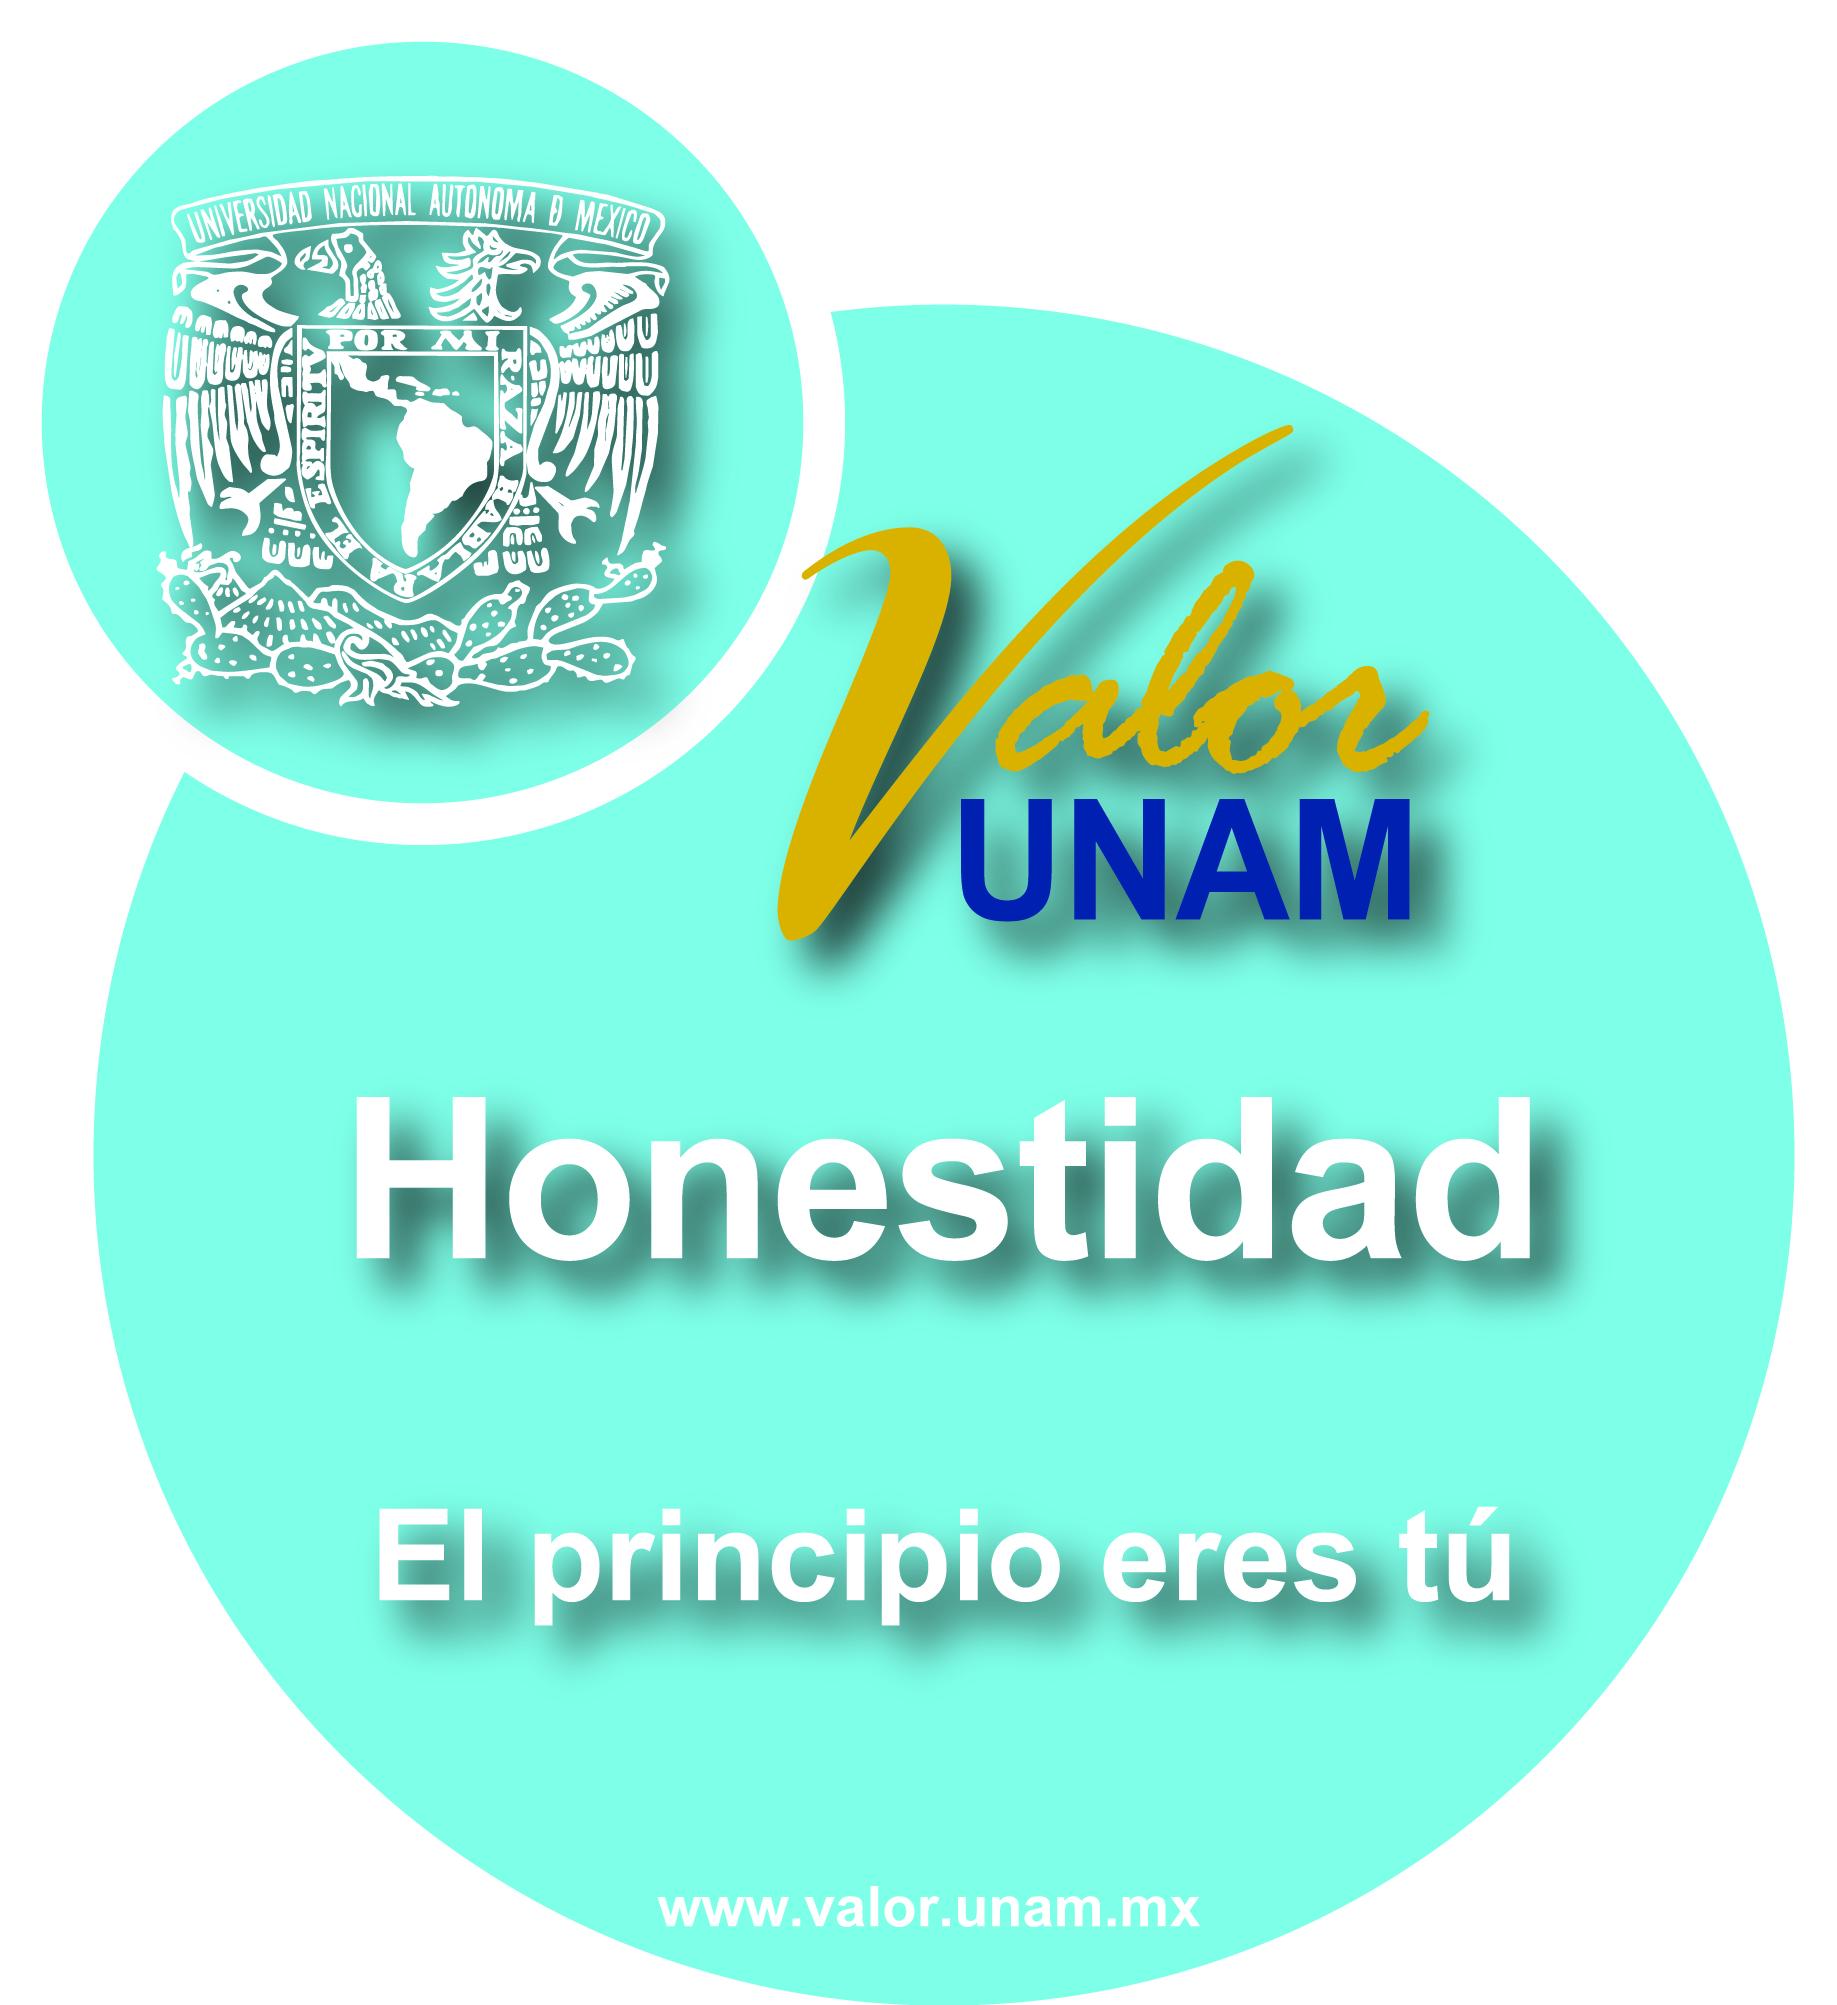 Valor UNAM